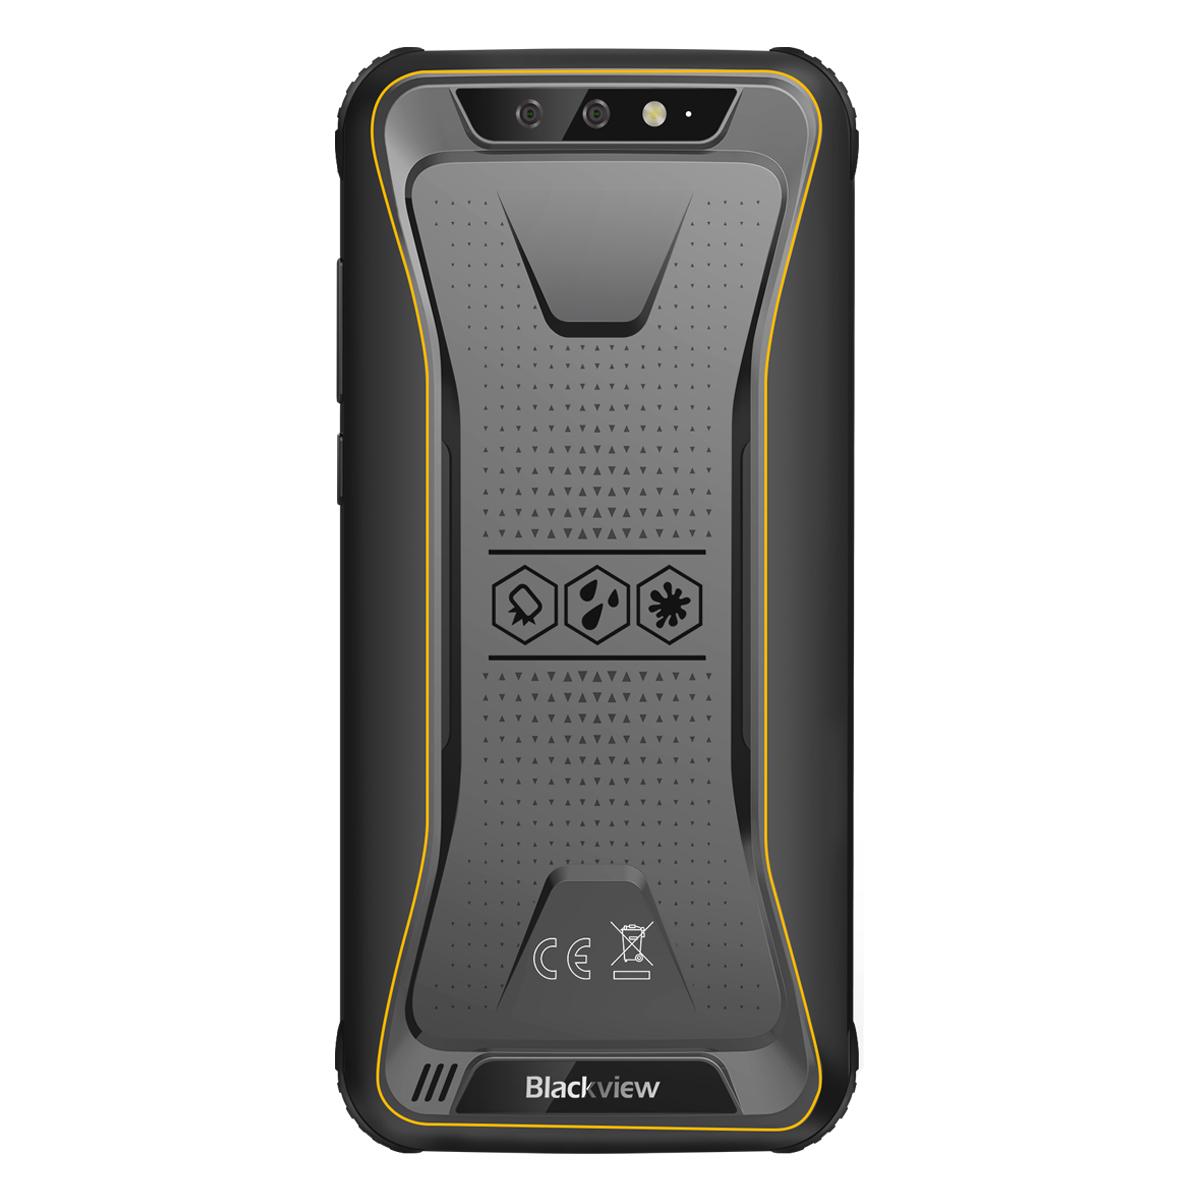 iGET Blackview GBV5500 Plus 3GB/32GB žlutá